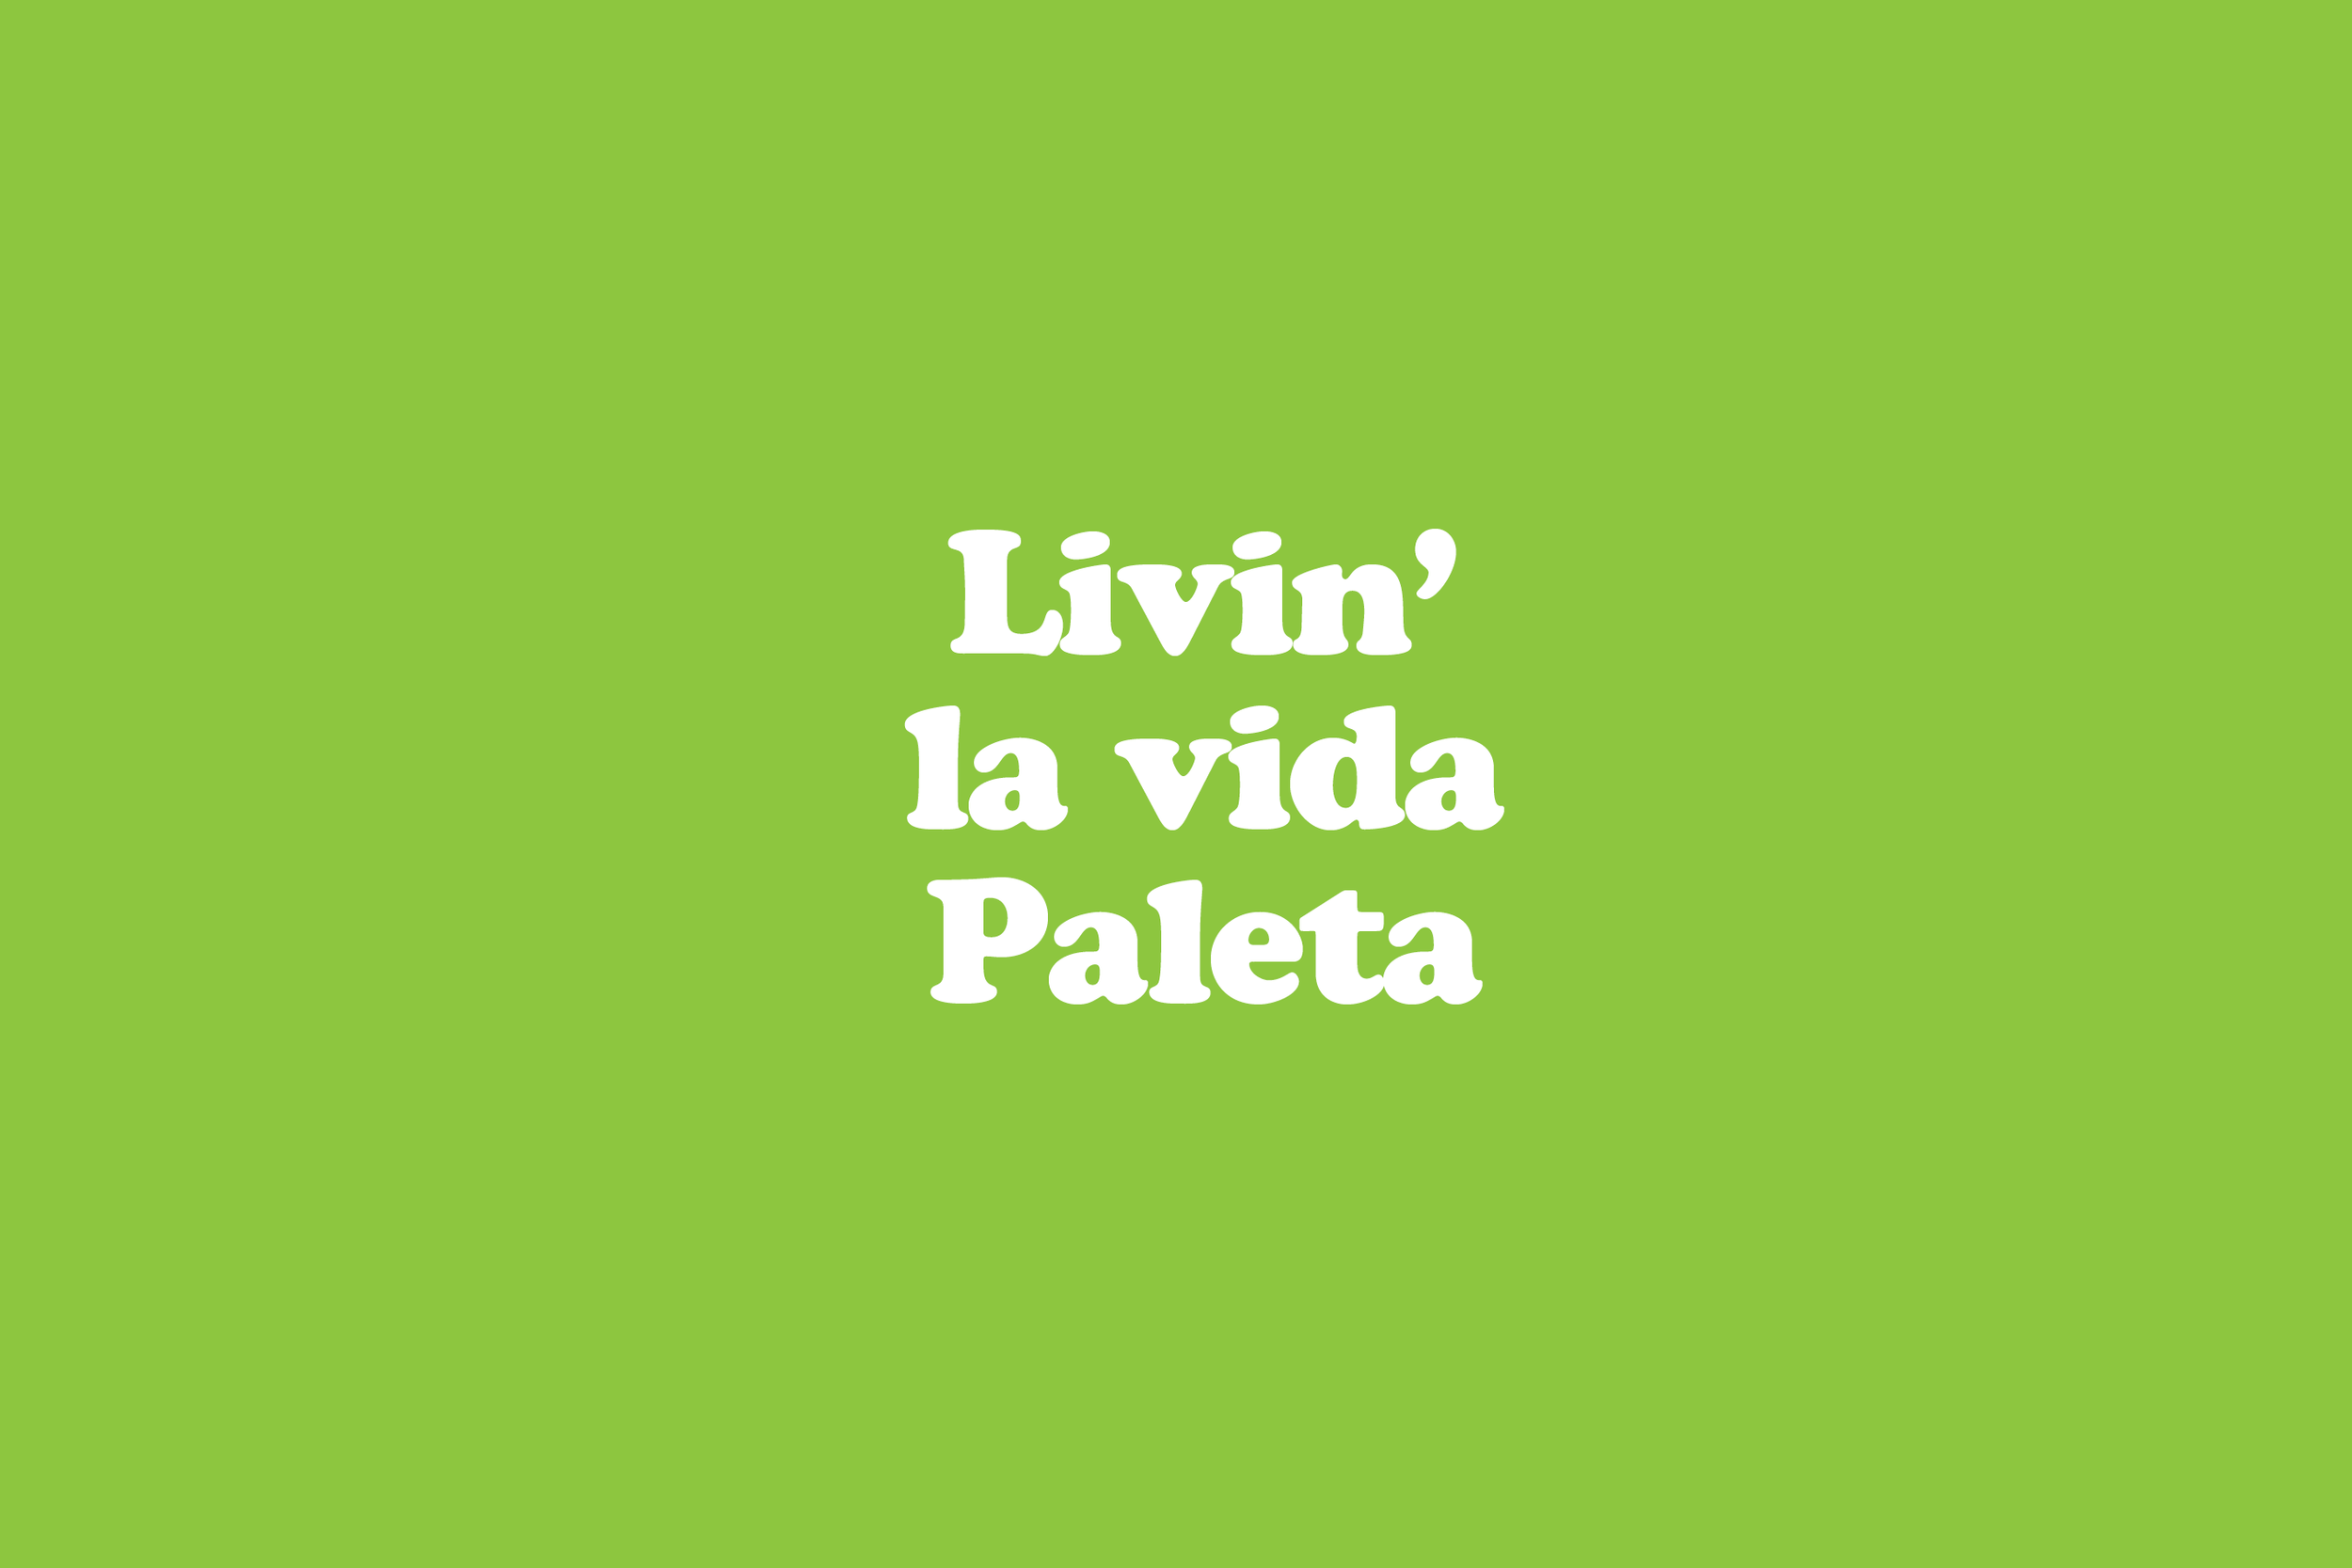 Puras_Paletas_CS_P14.png